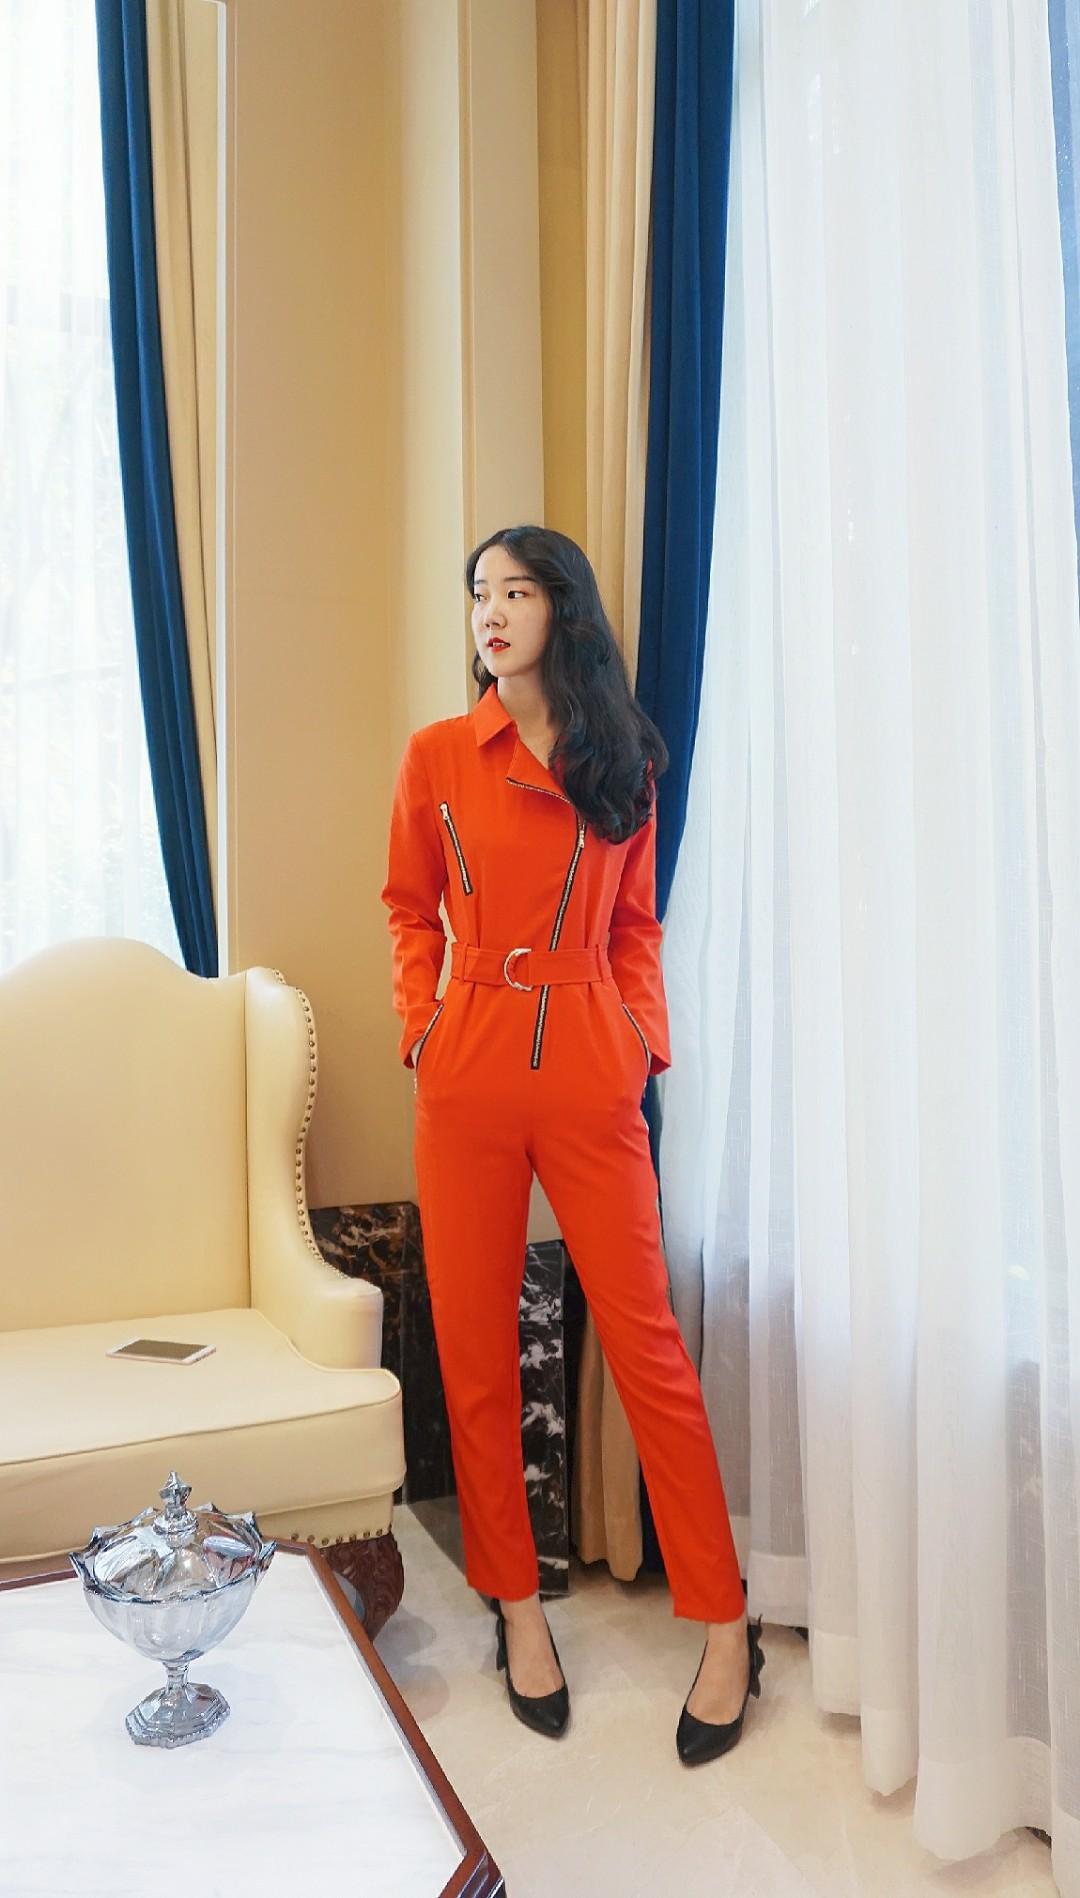 想做职场一道亮丽的风景线~这是一套红色连衣裤,拉链设计很稀饭~腰部的腰带很好的诠释了曲线,十分显瘦~穿惯了沉稳的深色系,可以试试热情的亮色系哦~#夏秋交替,办公室最佳look#